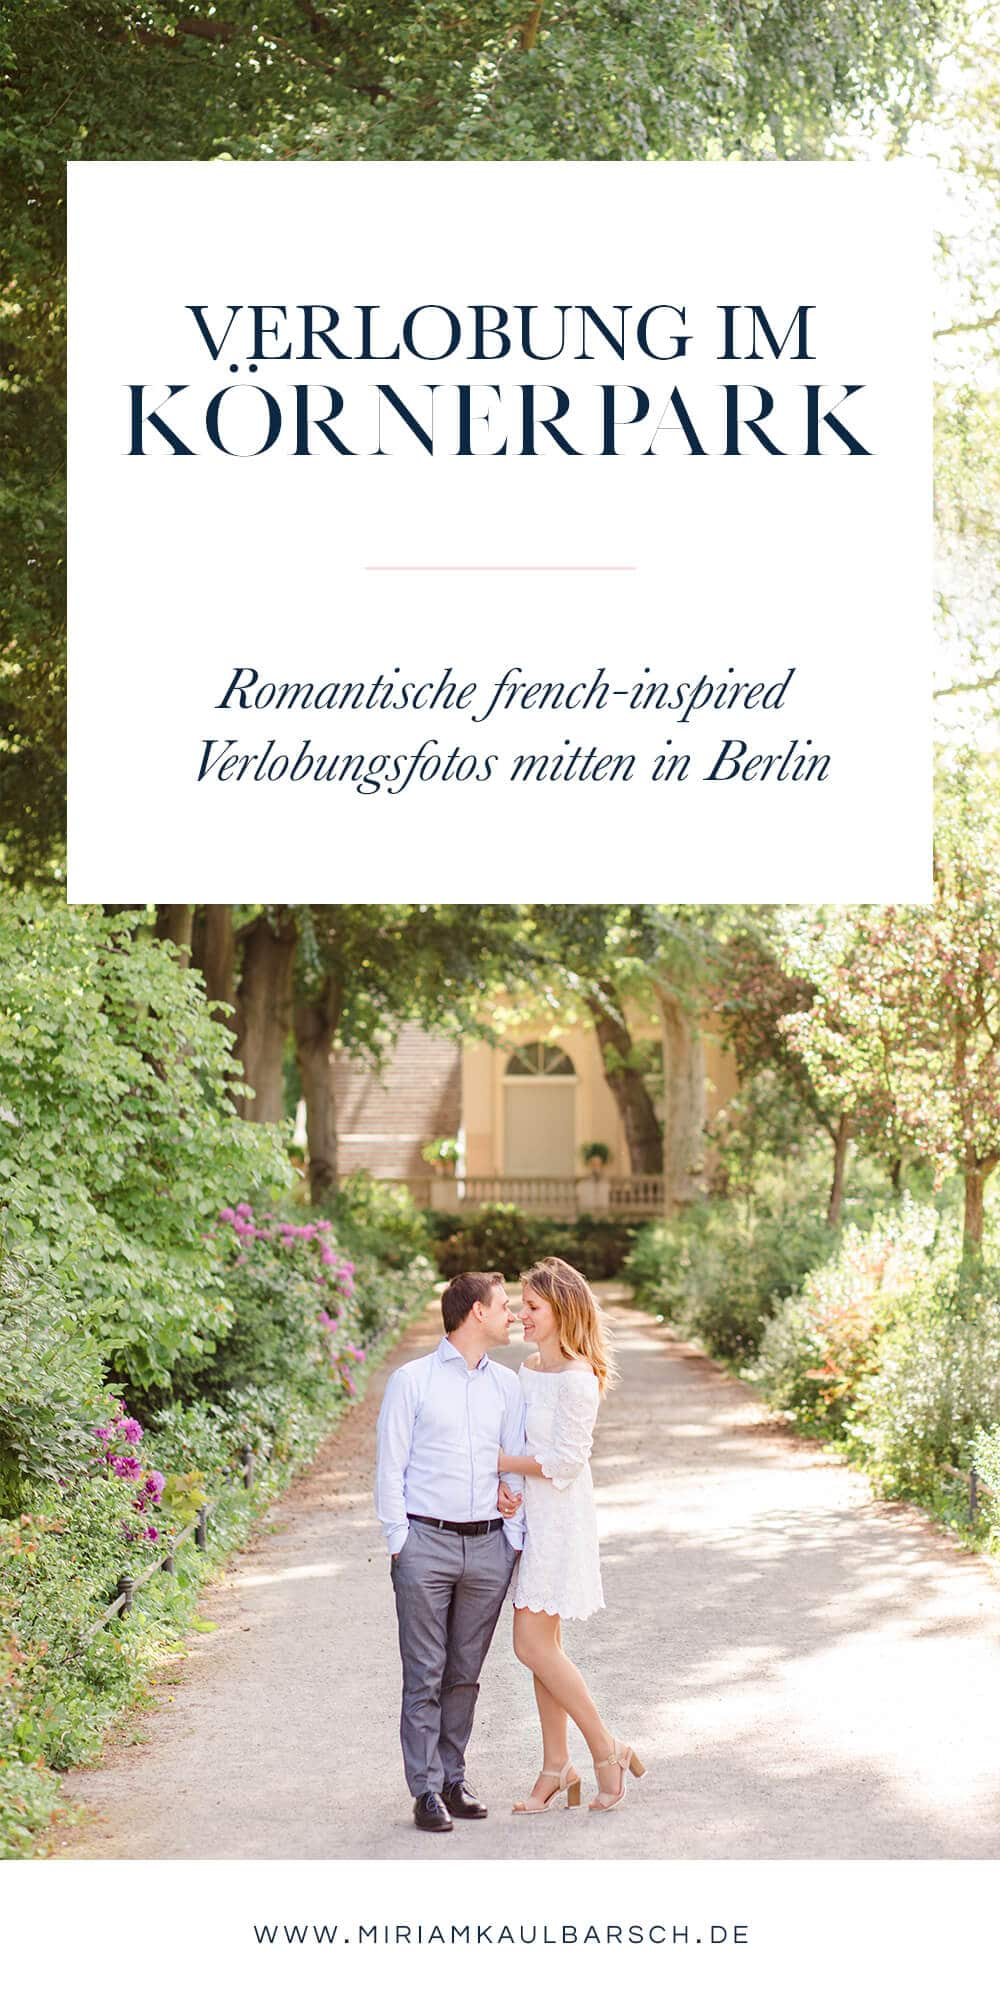 Pärchen im Park unter Bäumen mit Text - Verlobung